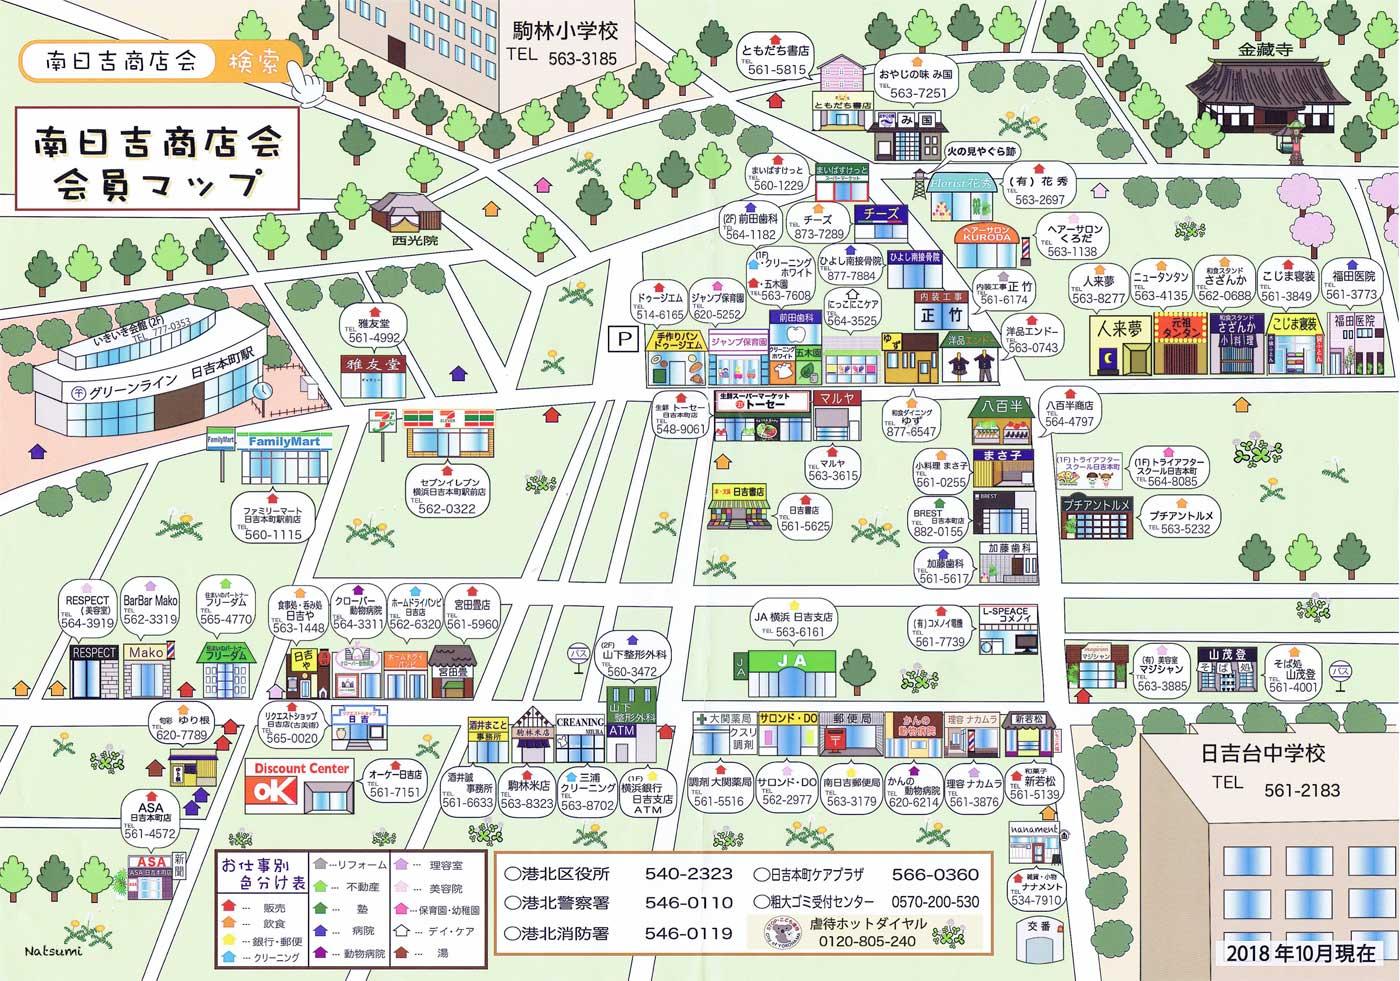 """変わりゆく店舗風景を反映、南日吉商店街が""""イラストマップ""""を約3年 ..."""